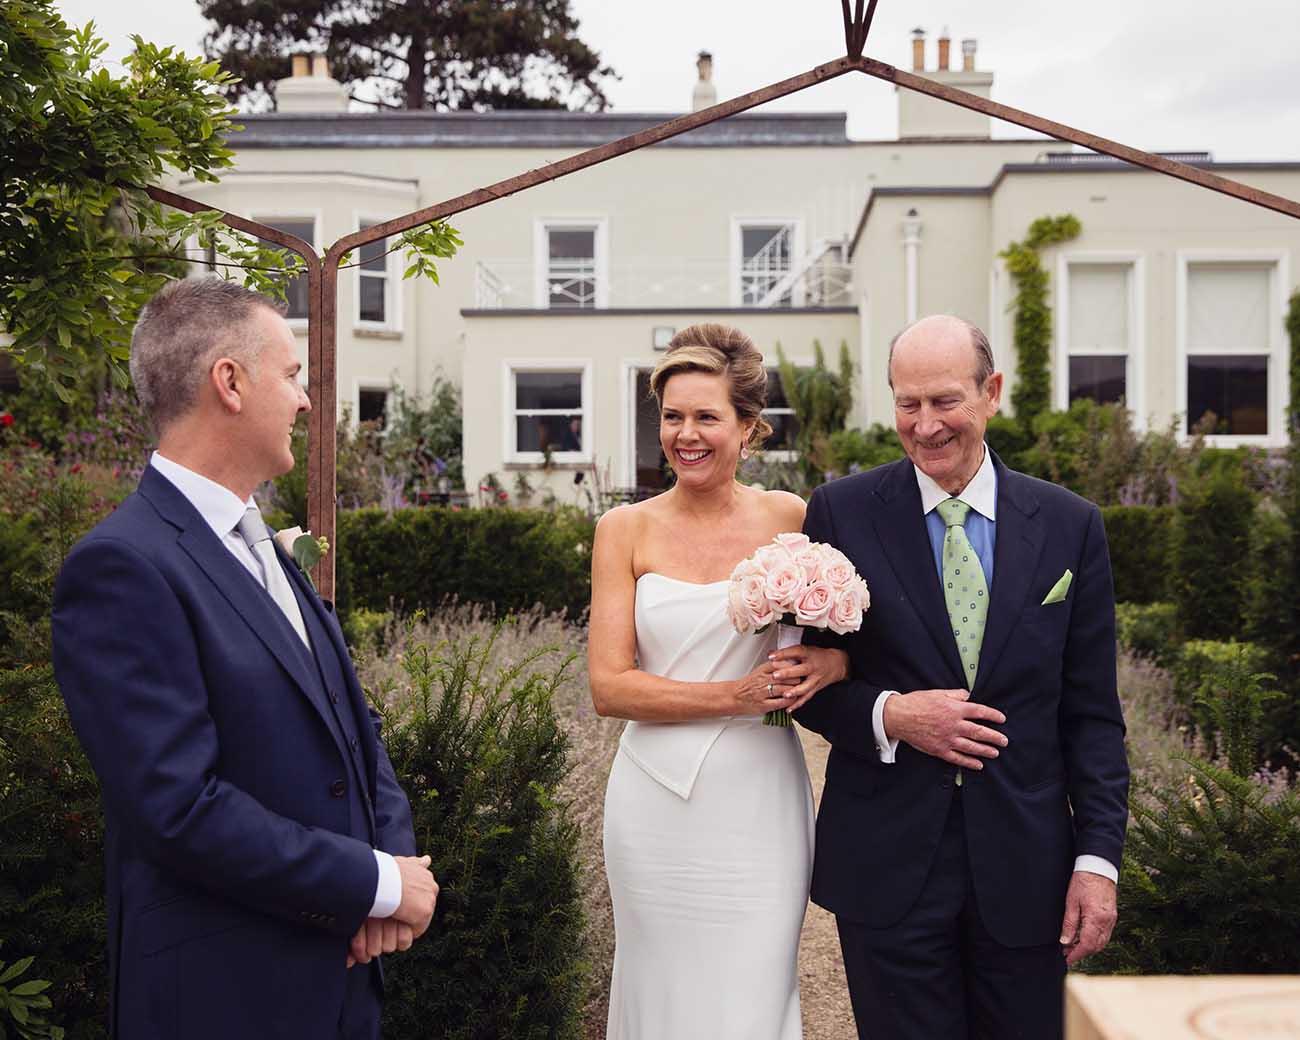 Airfield-estate-wedding-24